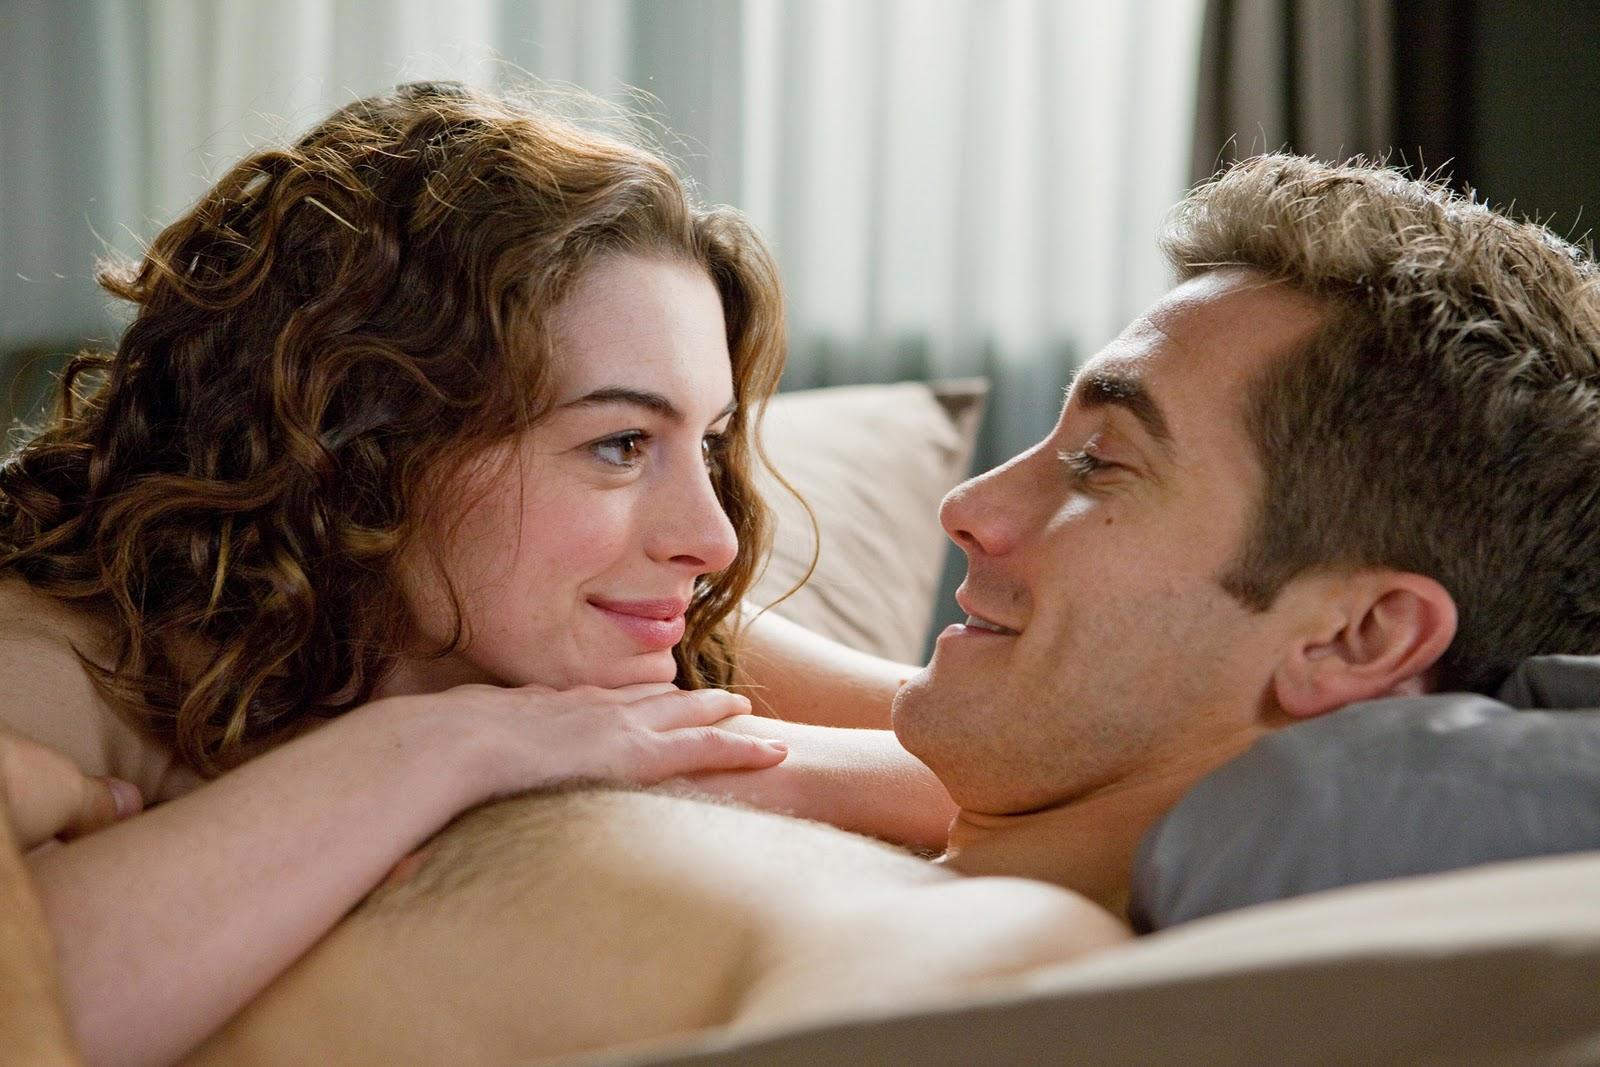 http://3.bp.blogspot.com/_ROXZFfuHbrs/TPz_QO7oYiI/AAAAAAAAOik/mSknKbsyR6w/s1600/anne+jake+LOVEANDOTHERDRUGS.jpg